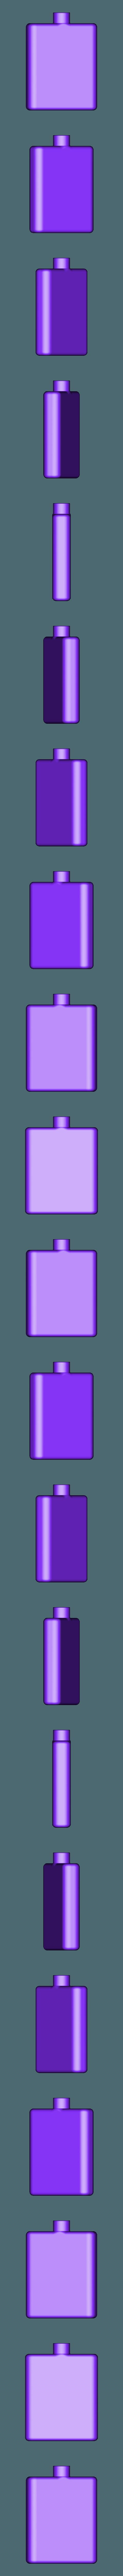 flasque.STL Download STL file single flange • 3D print object, jjwil